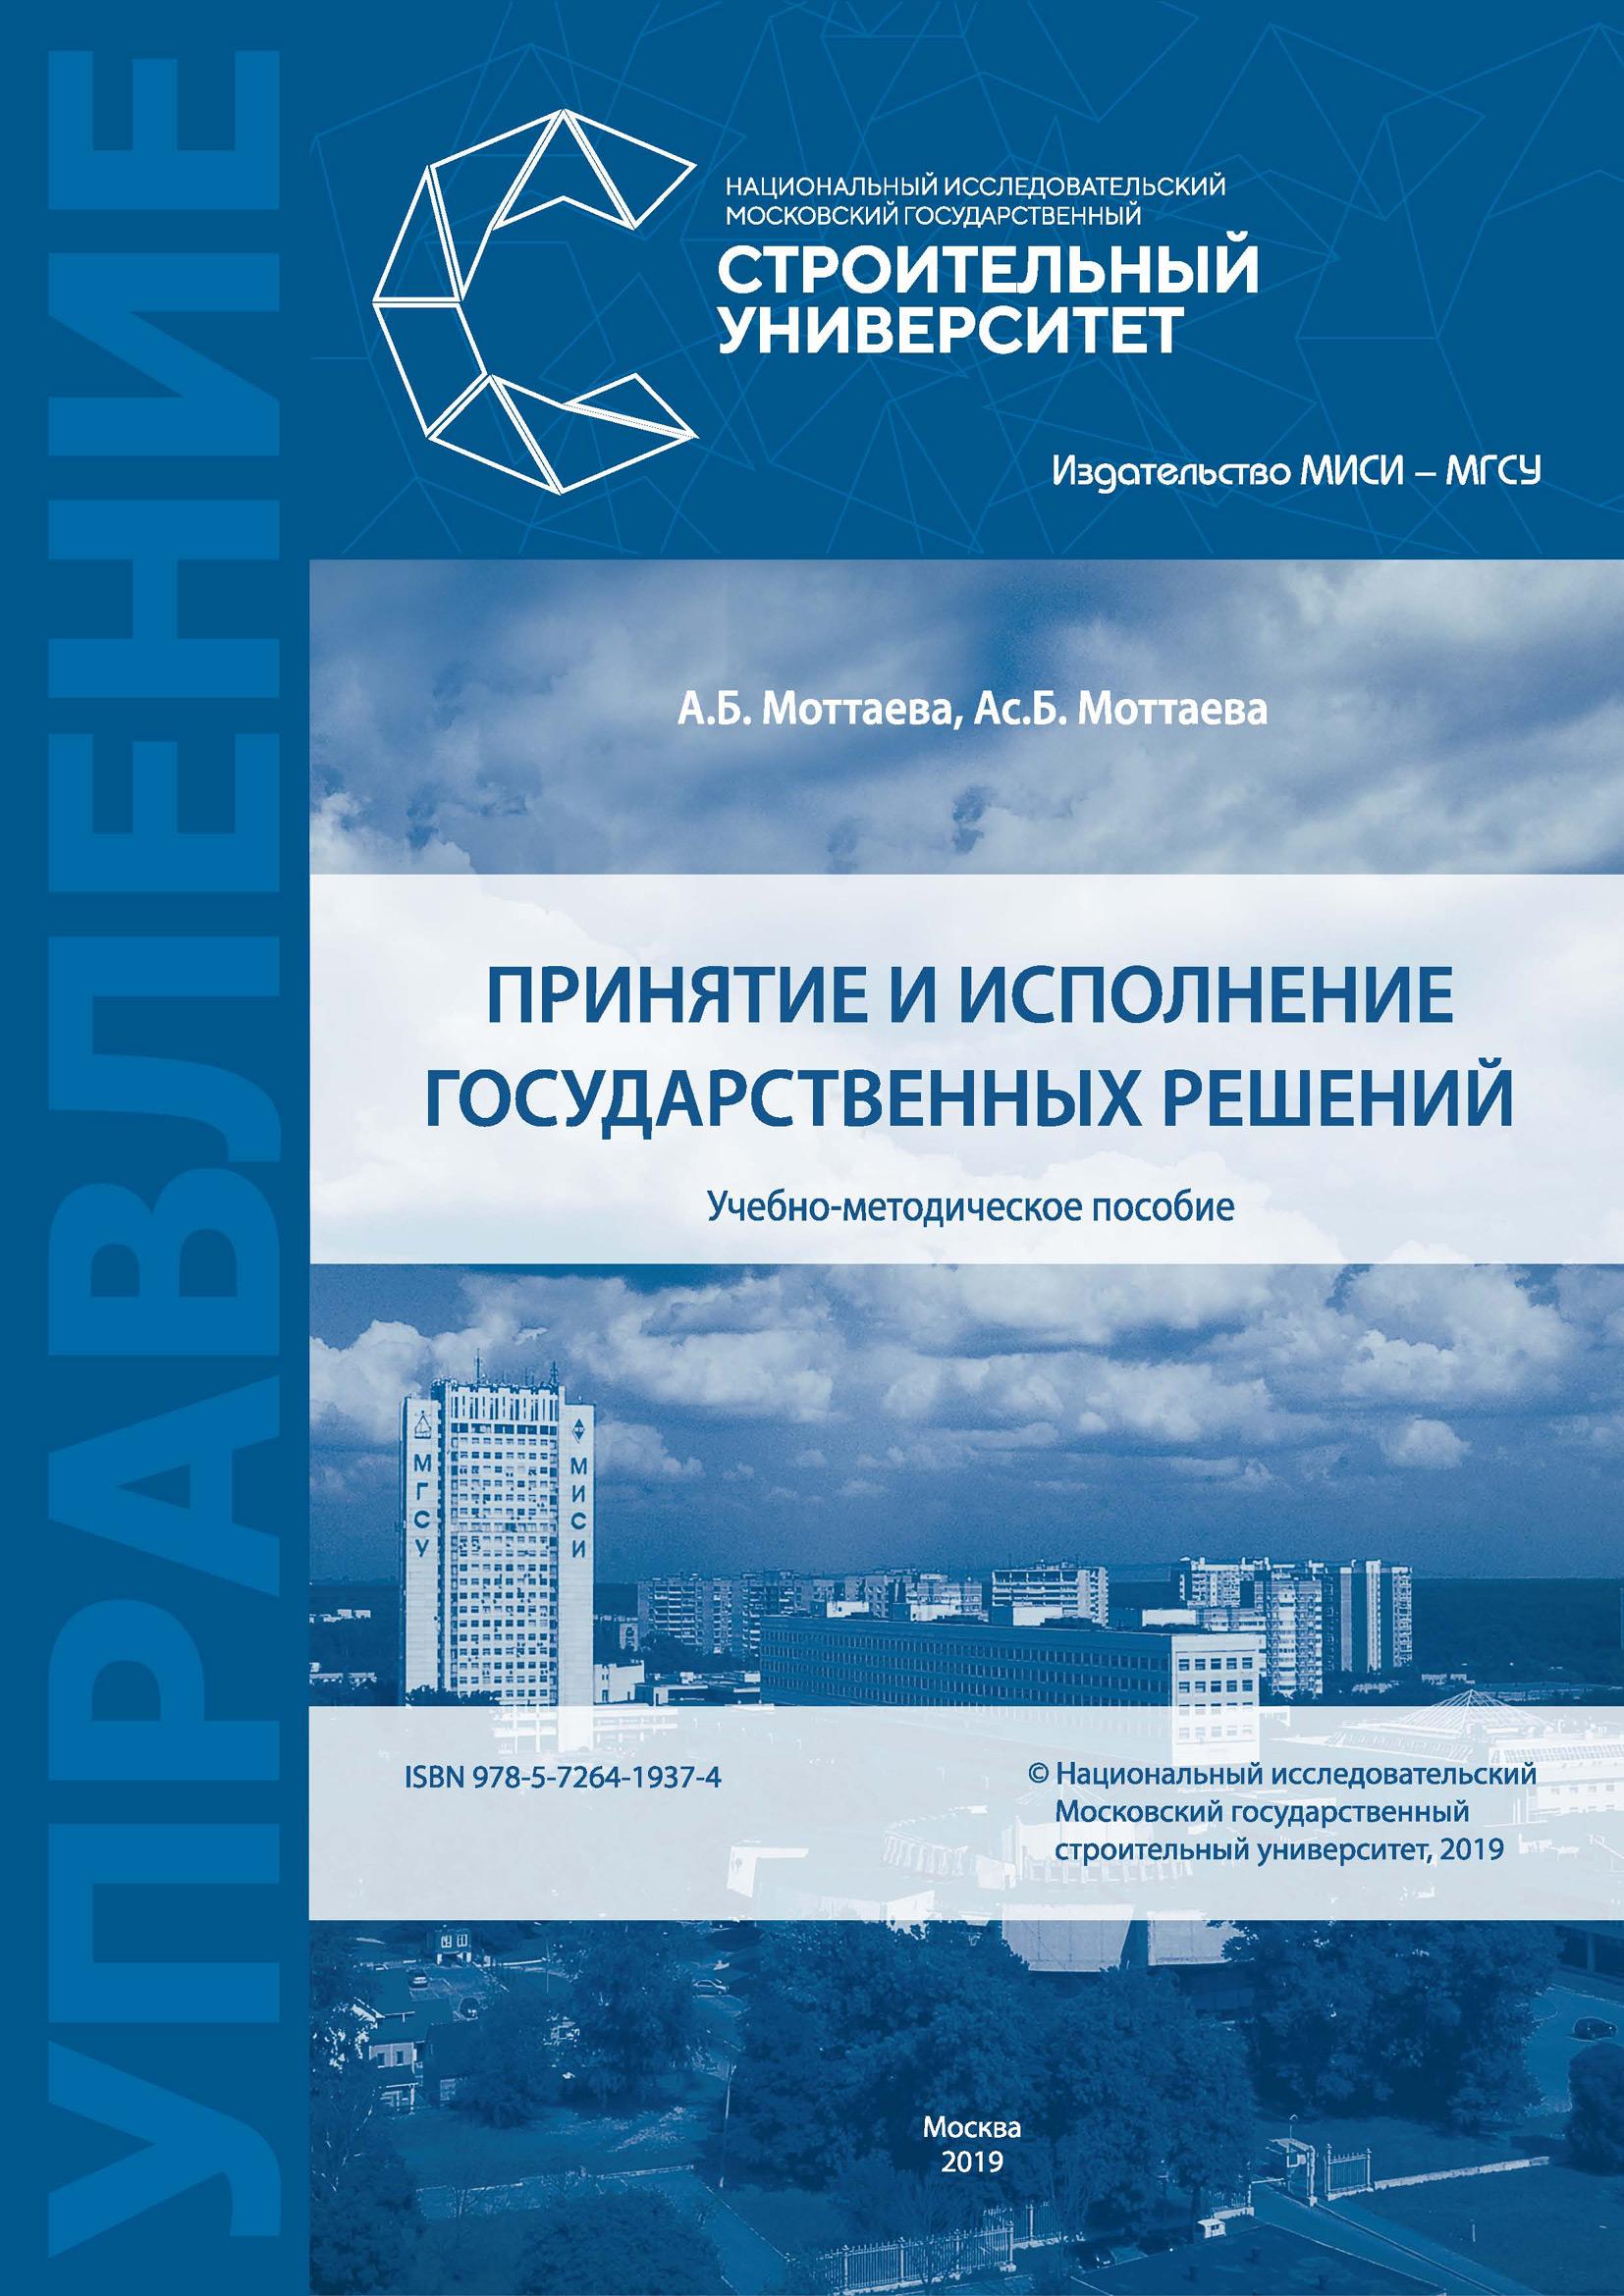 А. Б. Моттаева Принятие и исполнение государственных решений гельфанд б принятие динамических решений в шахматах